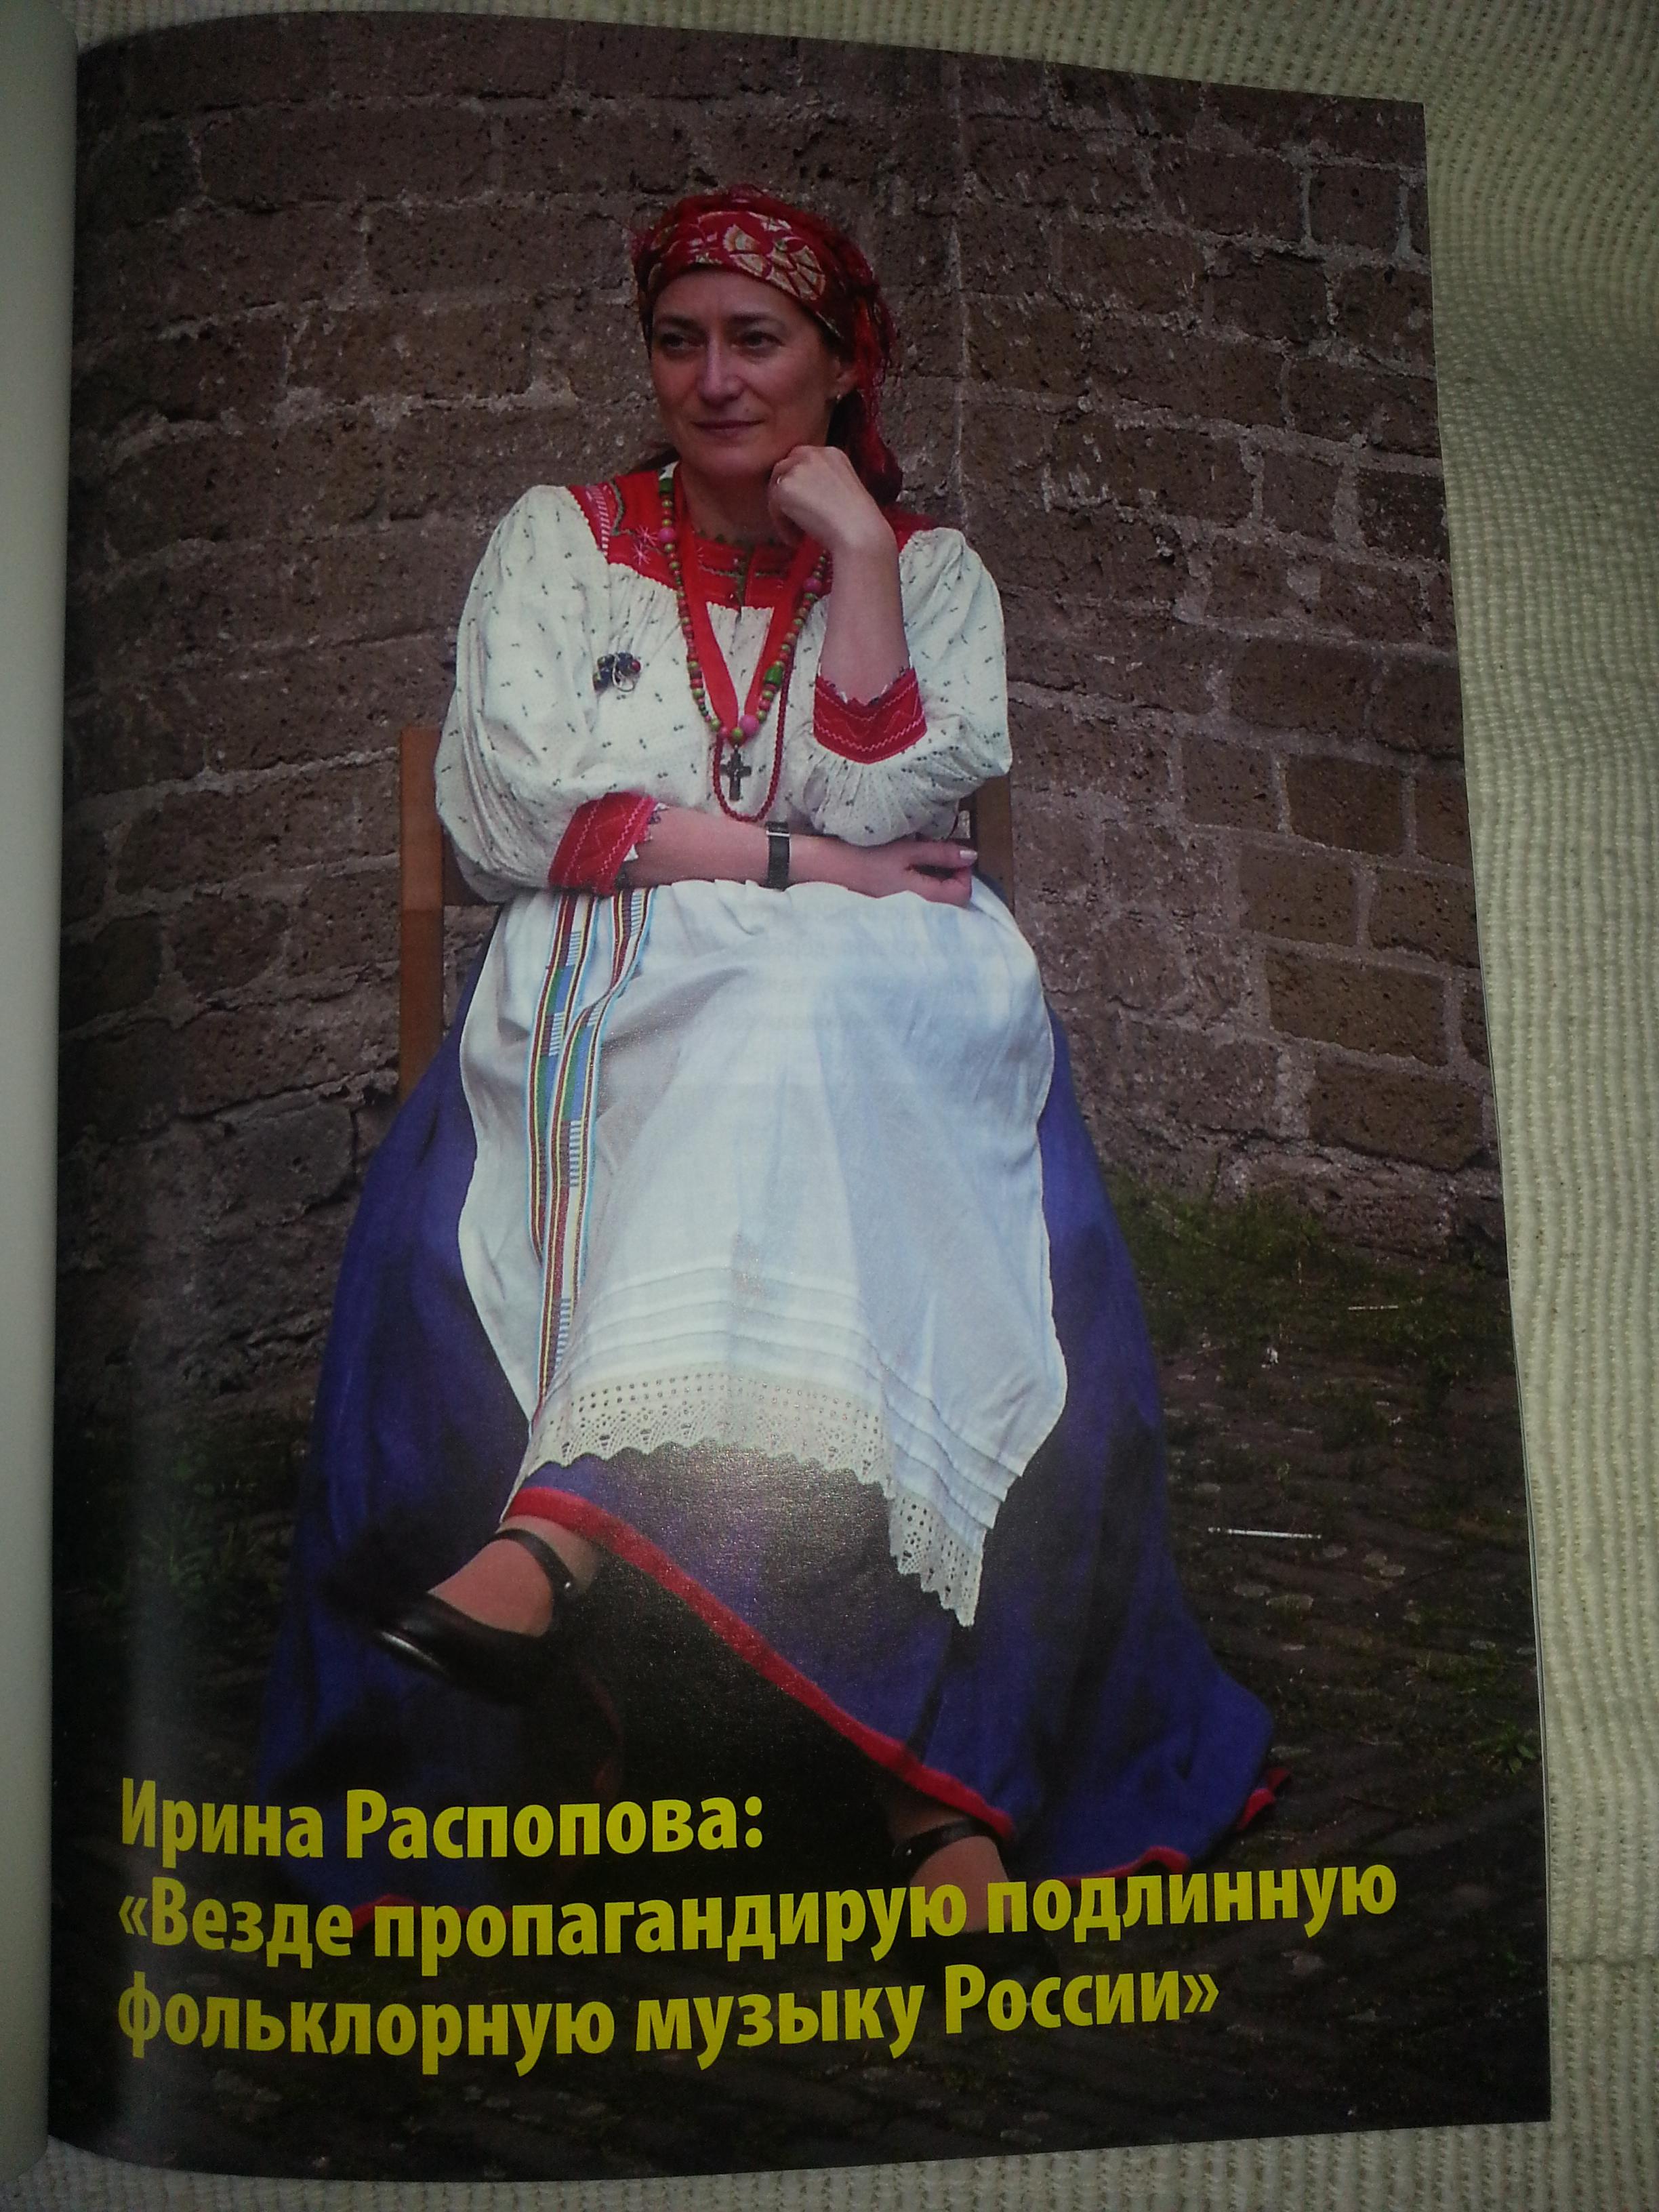 """tijdschrift """"Huis van cultuur"""" Moskou december 2013. Irina Raspoppova: """"Overal propagandeer ik echte authentieke folklore muziek van Rusland """""""